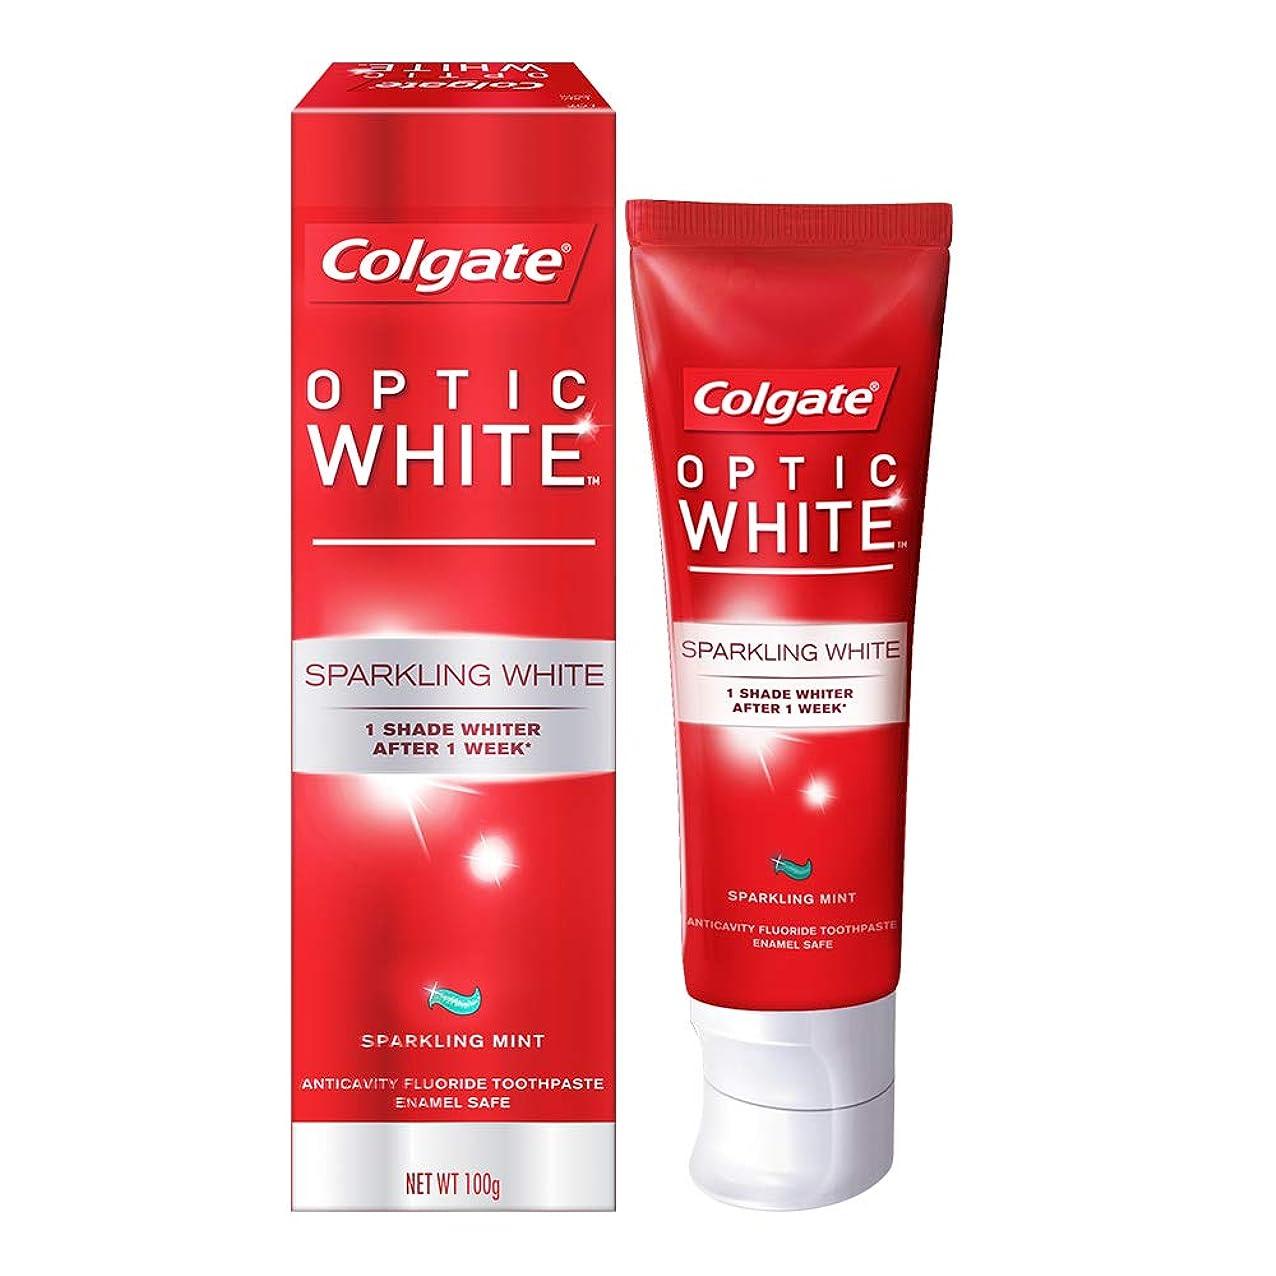 助手設計スキルコールゲート オプティック ホワイト スパークリングシャイン 100g 歯磨き粉 Colgate Optic White Sparkling Shine 100g Tooth Paste